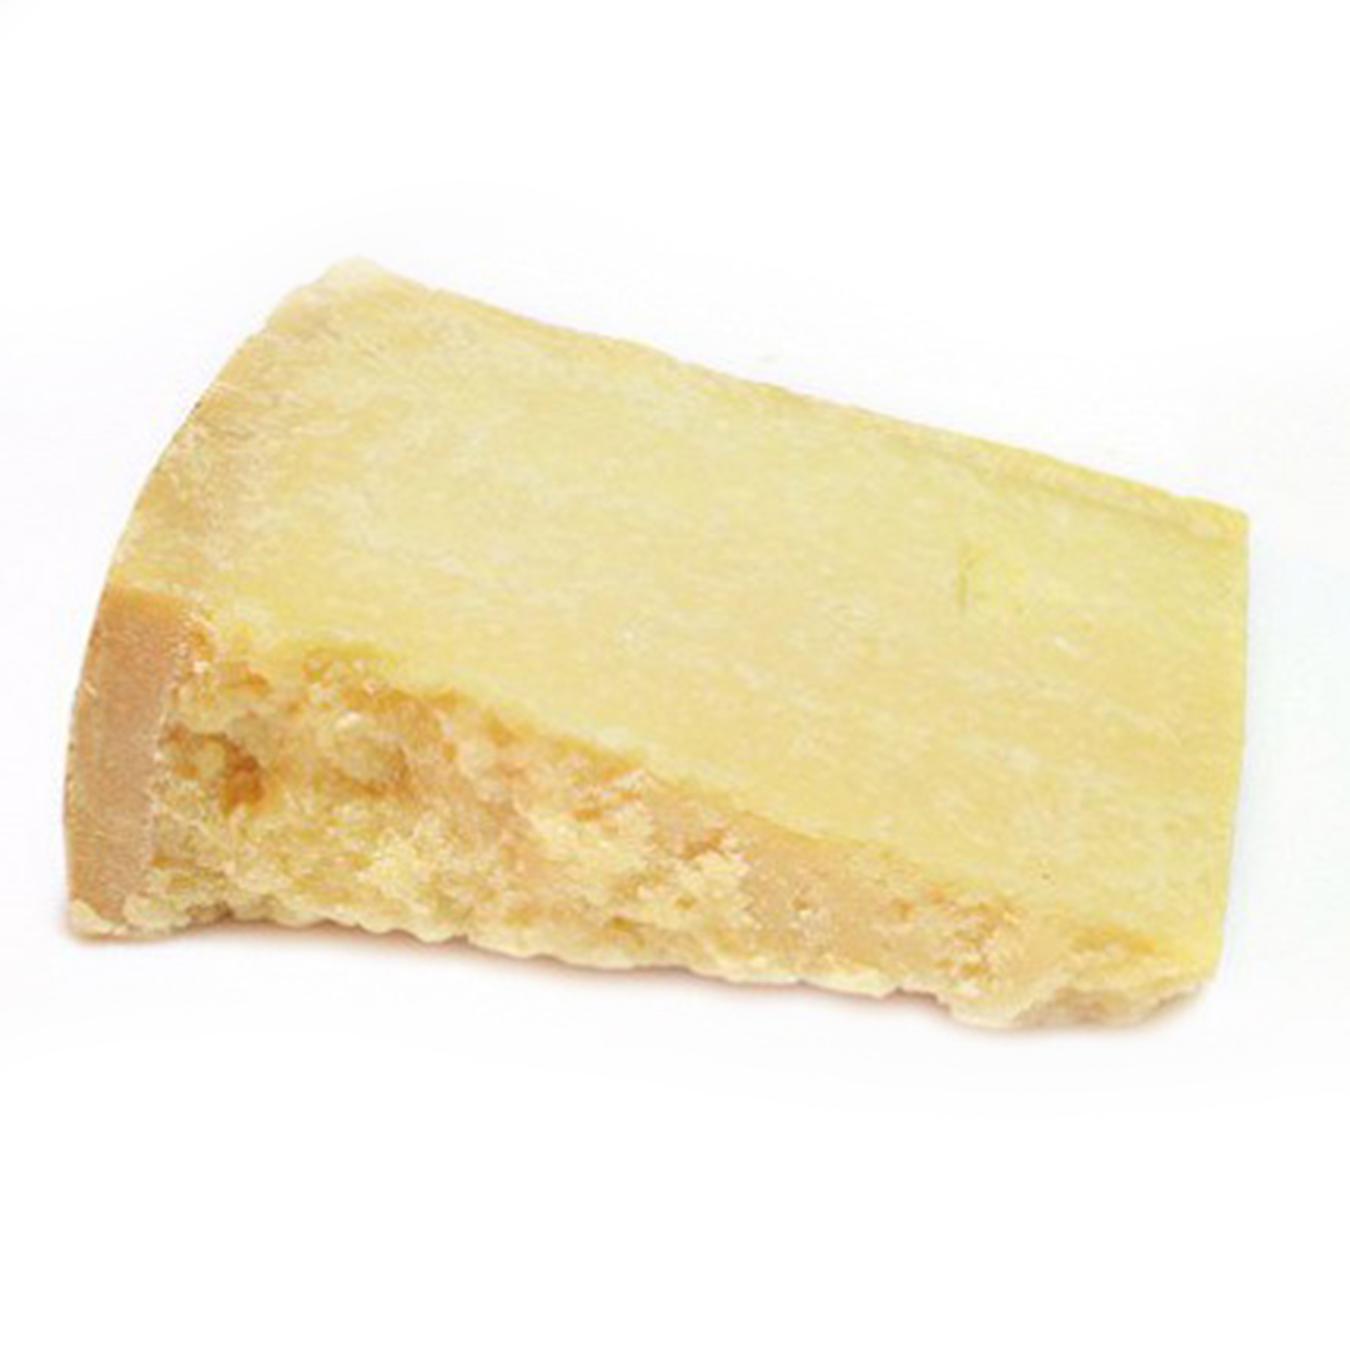 Сыр Хорека Селект Грана Падано